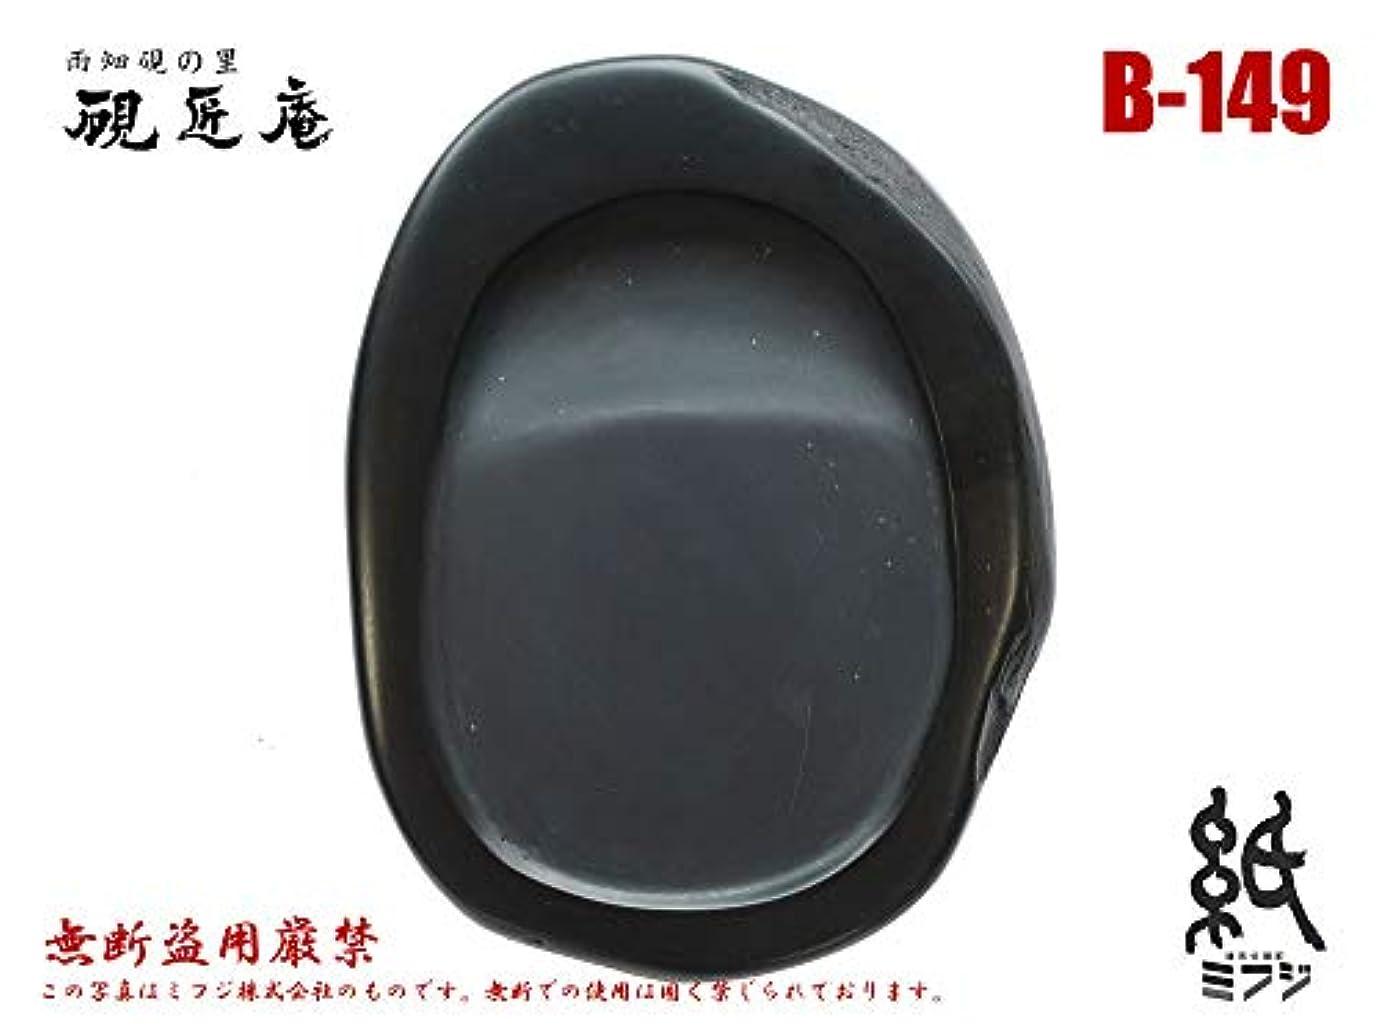 マート着飾る午後【硯】雨畑硯(雨畑真石) B-149 小さめサイズ(小筆用)